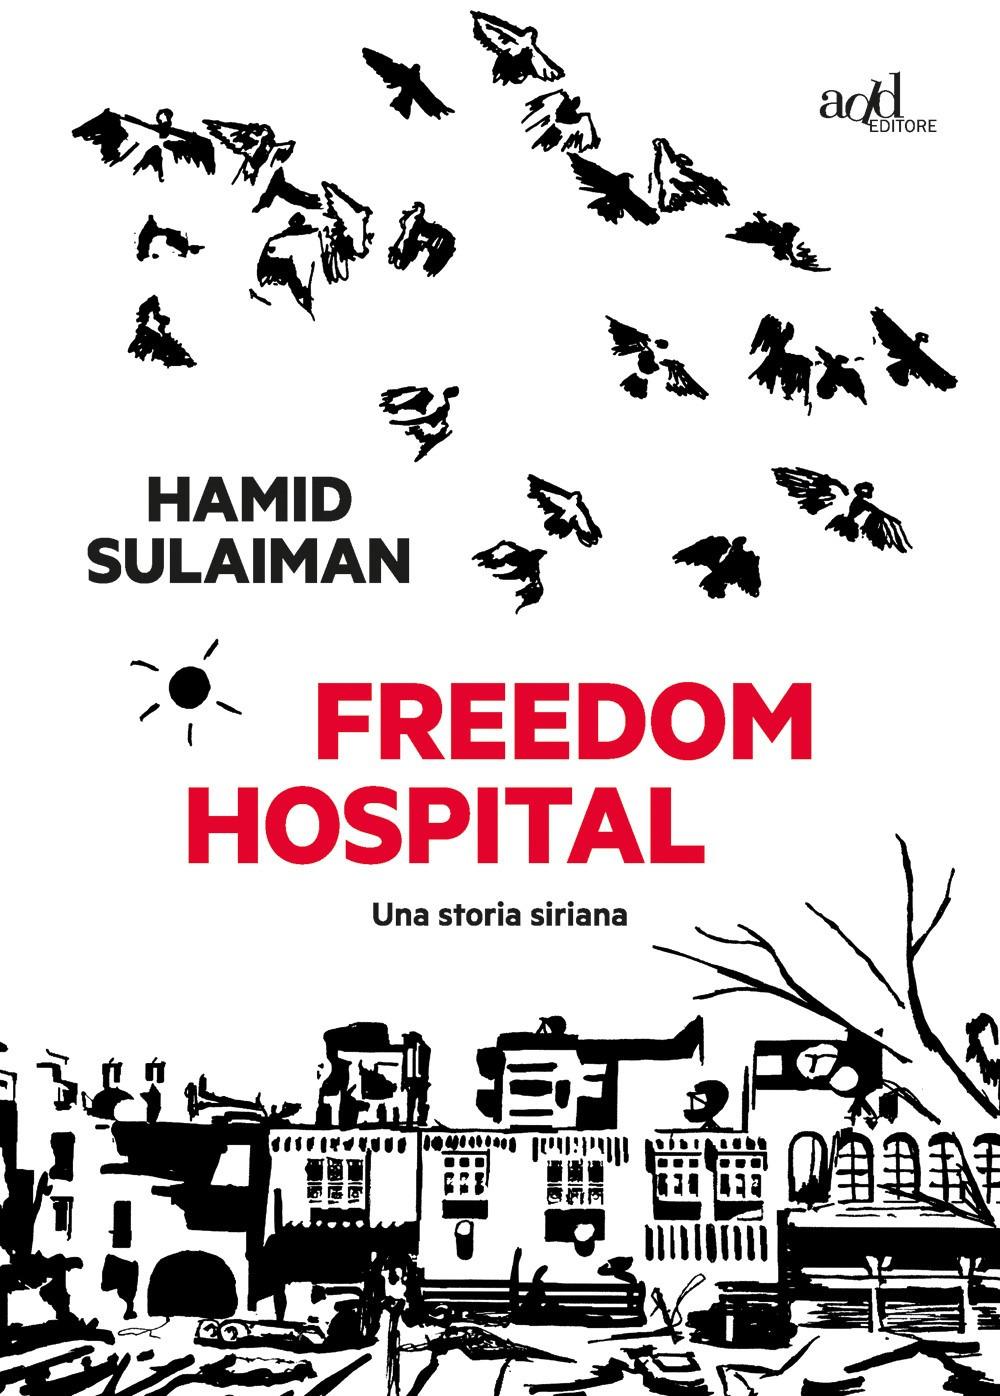 Freedom hospital. Una storia siriana